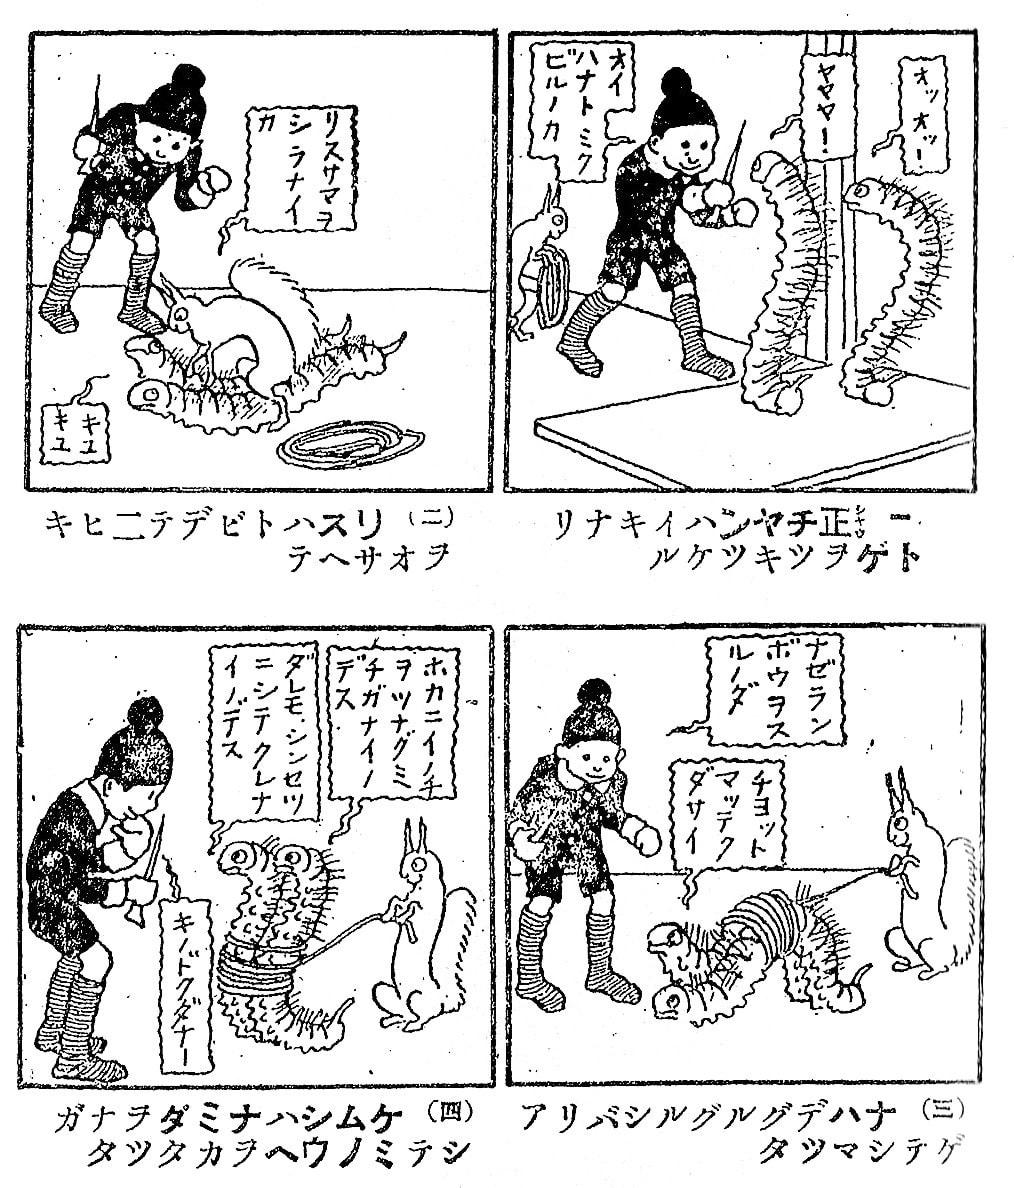 四コマ漫画』 清水勲・著 - 美島奏城 豊饒の海へ